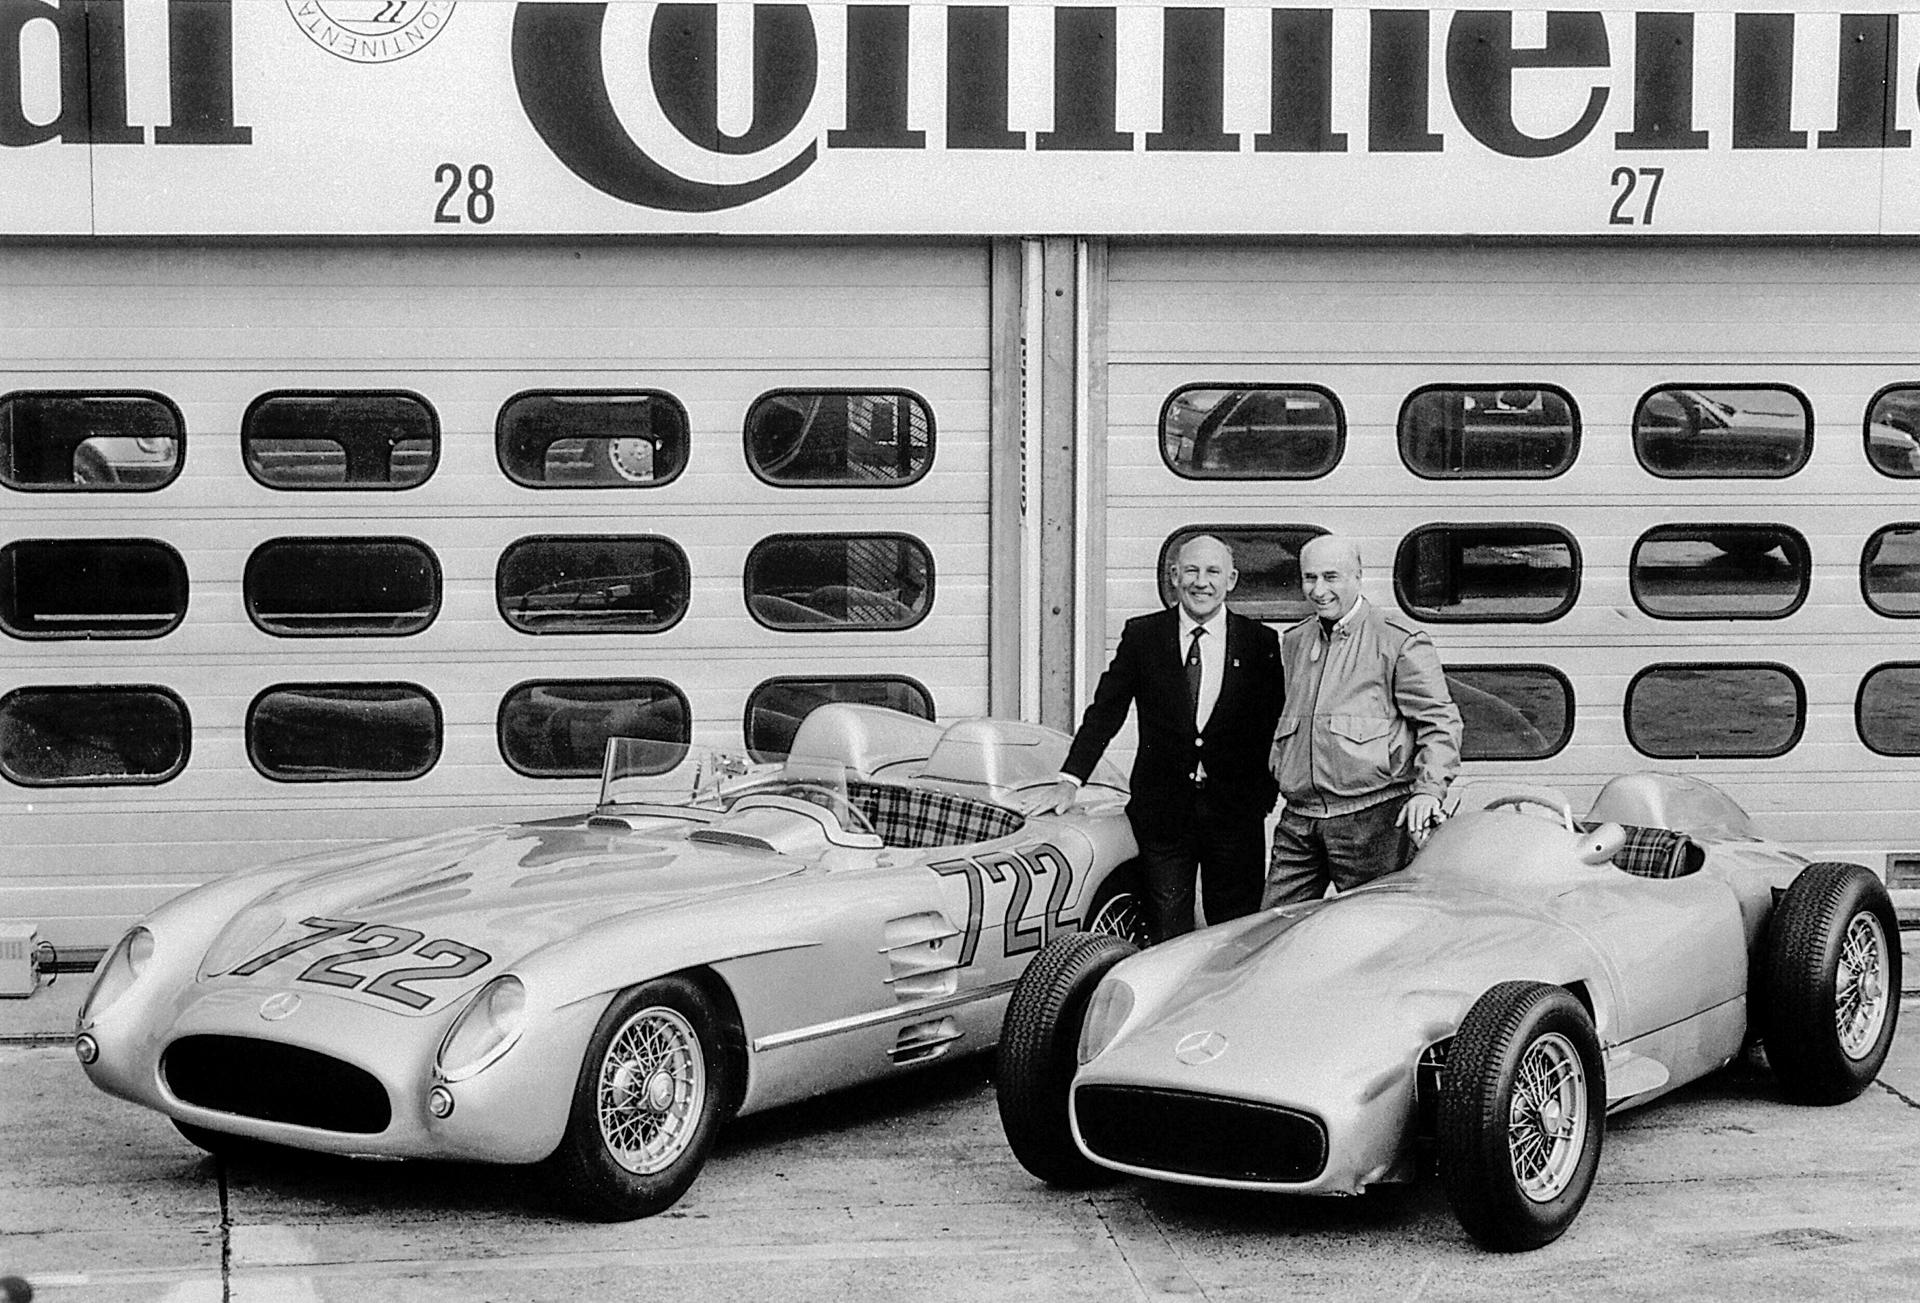 """Mercedes-Benz 300 SLR Rennsportwagen """"722"""" (W 196 S, links) und Mercedes-Benz Formel-1-Rennwagen W 196 R mit freistehenden Rädern. Foto mit den ehemaligen Rennfahrern Stirling Moss (links) und Juan Manuel Fangio vom Hockenheimring aus dem Jahr 1991."""